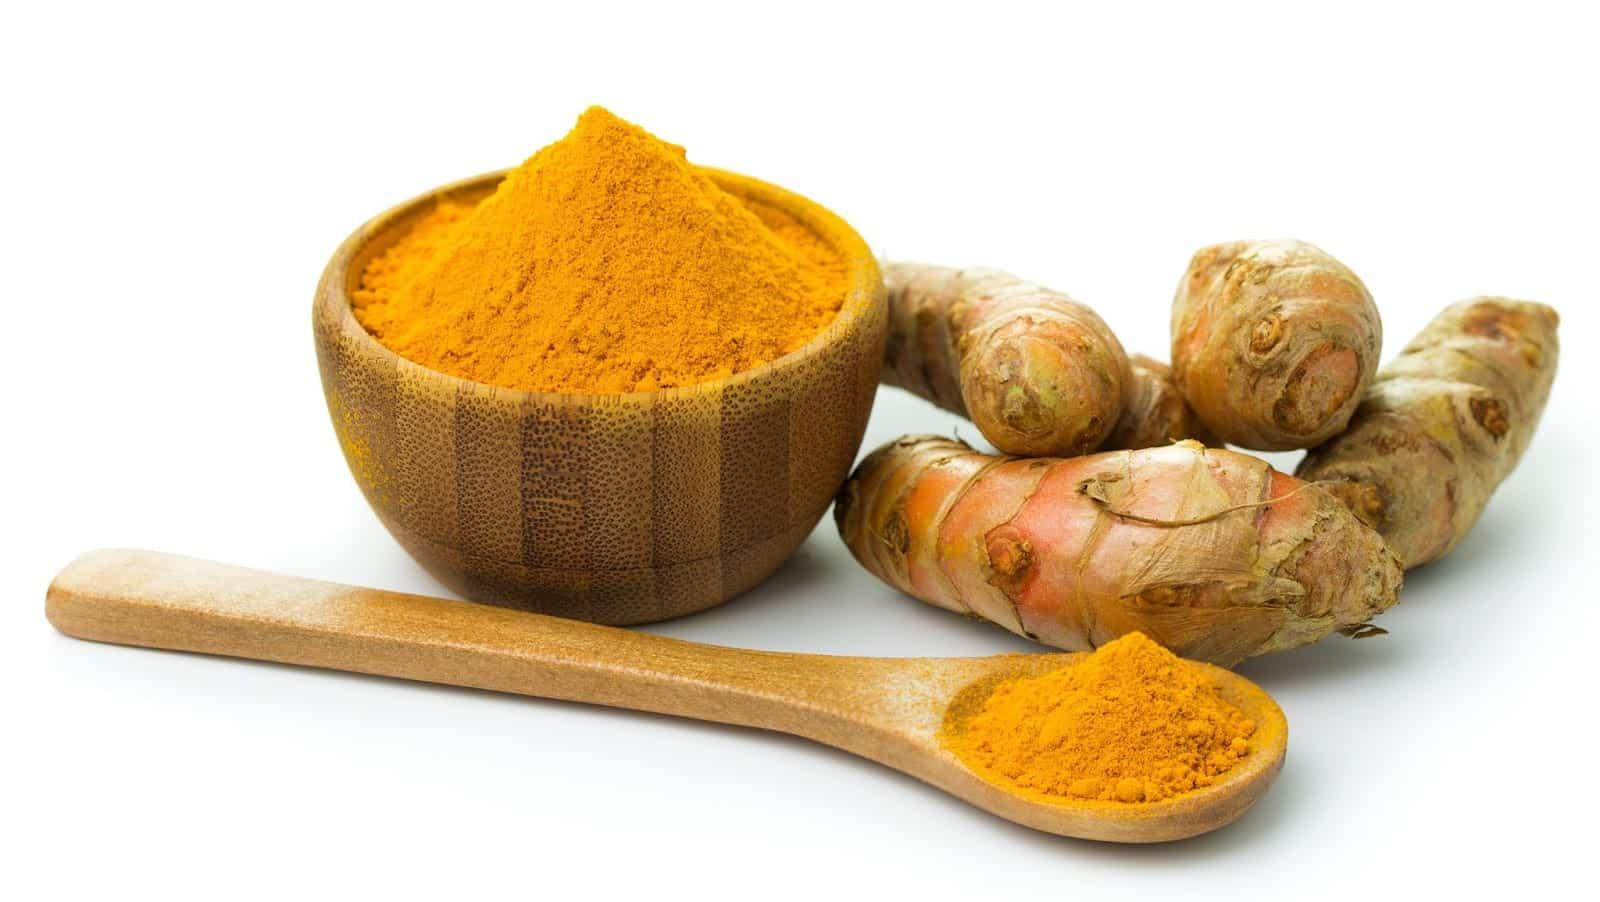 Descubra agora todos os nutrientes e benefícios do açafrão